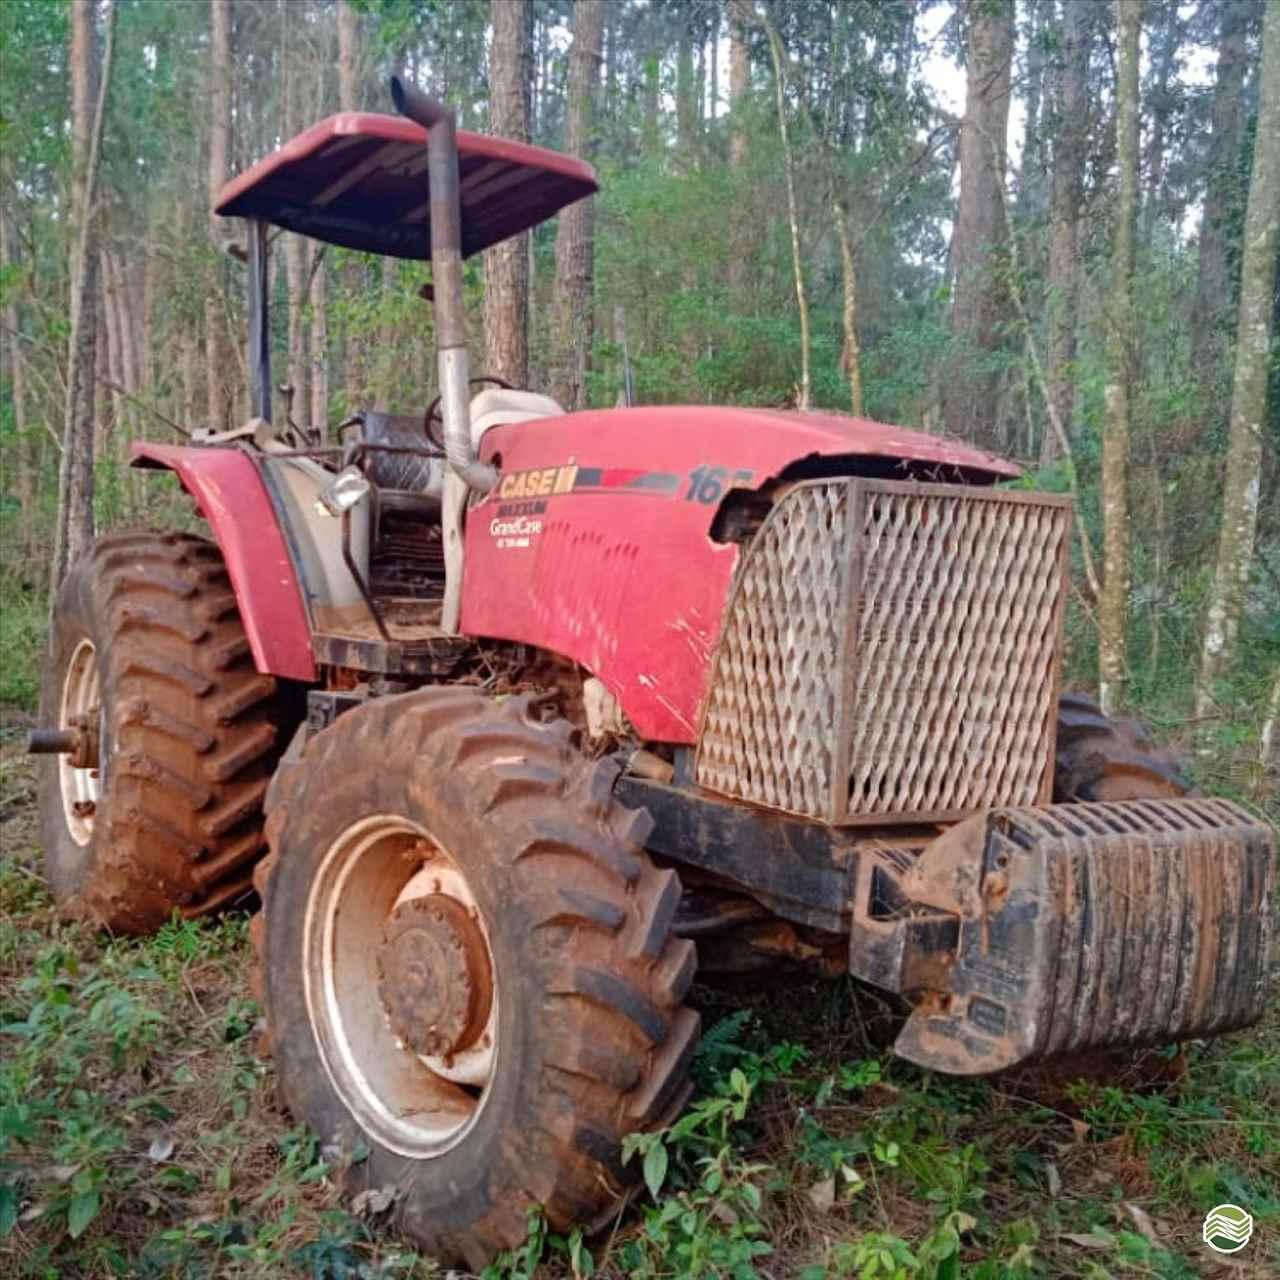 TRATOR CASE CASE MX 165 Tração 4x4 Rural Vendas TERRA ROXA PARANÁ PR